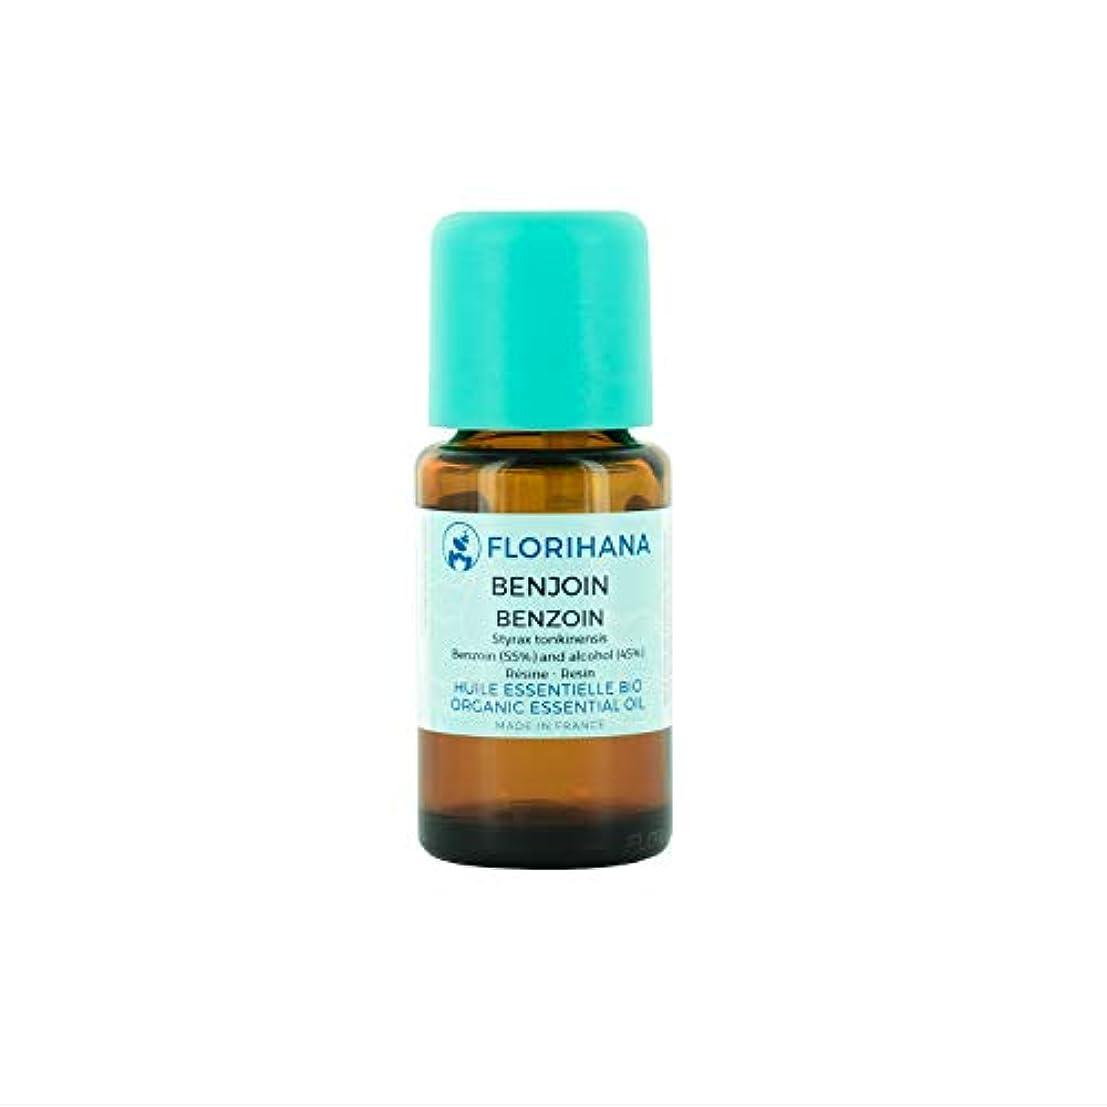 悩みビリー反映するFlorihana オーガニックエッセンシャルオイル ベンゾイン 5g(5ml)